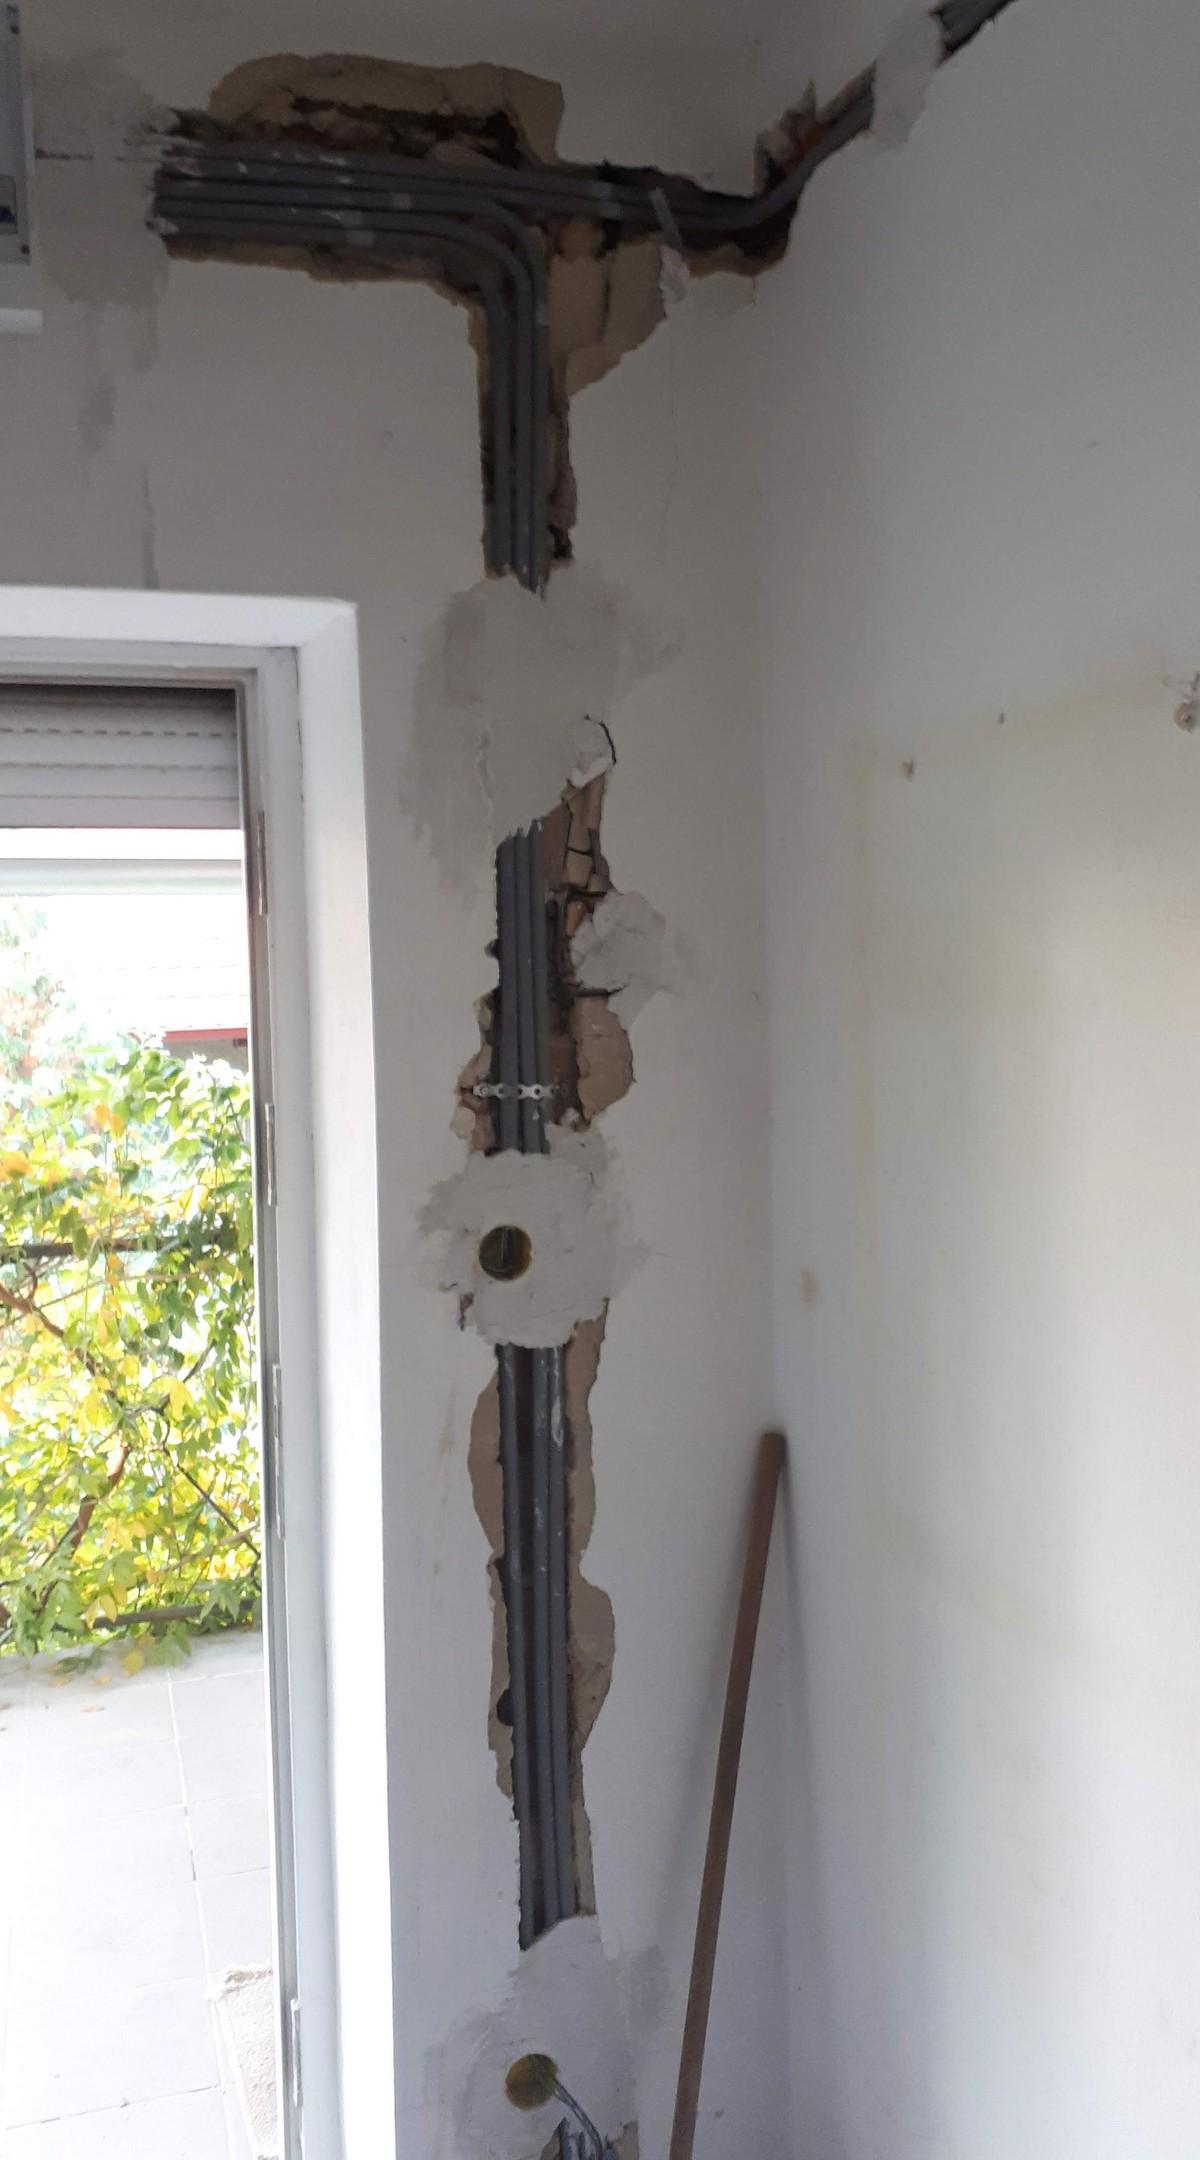 Villanyszerelés Budapest környékén - Villanyszerelés gipszkarton falban